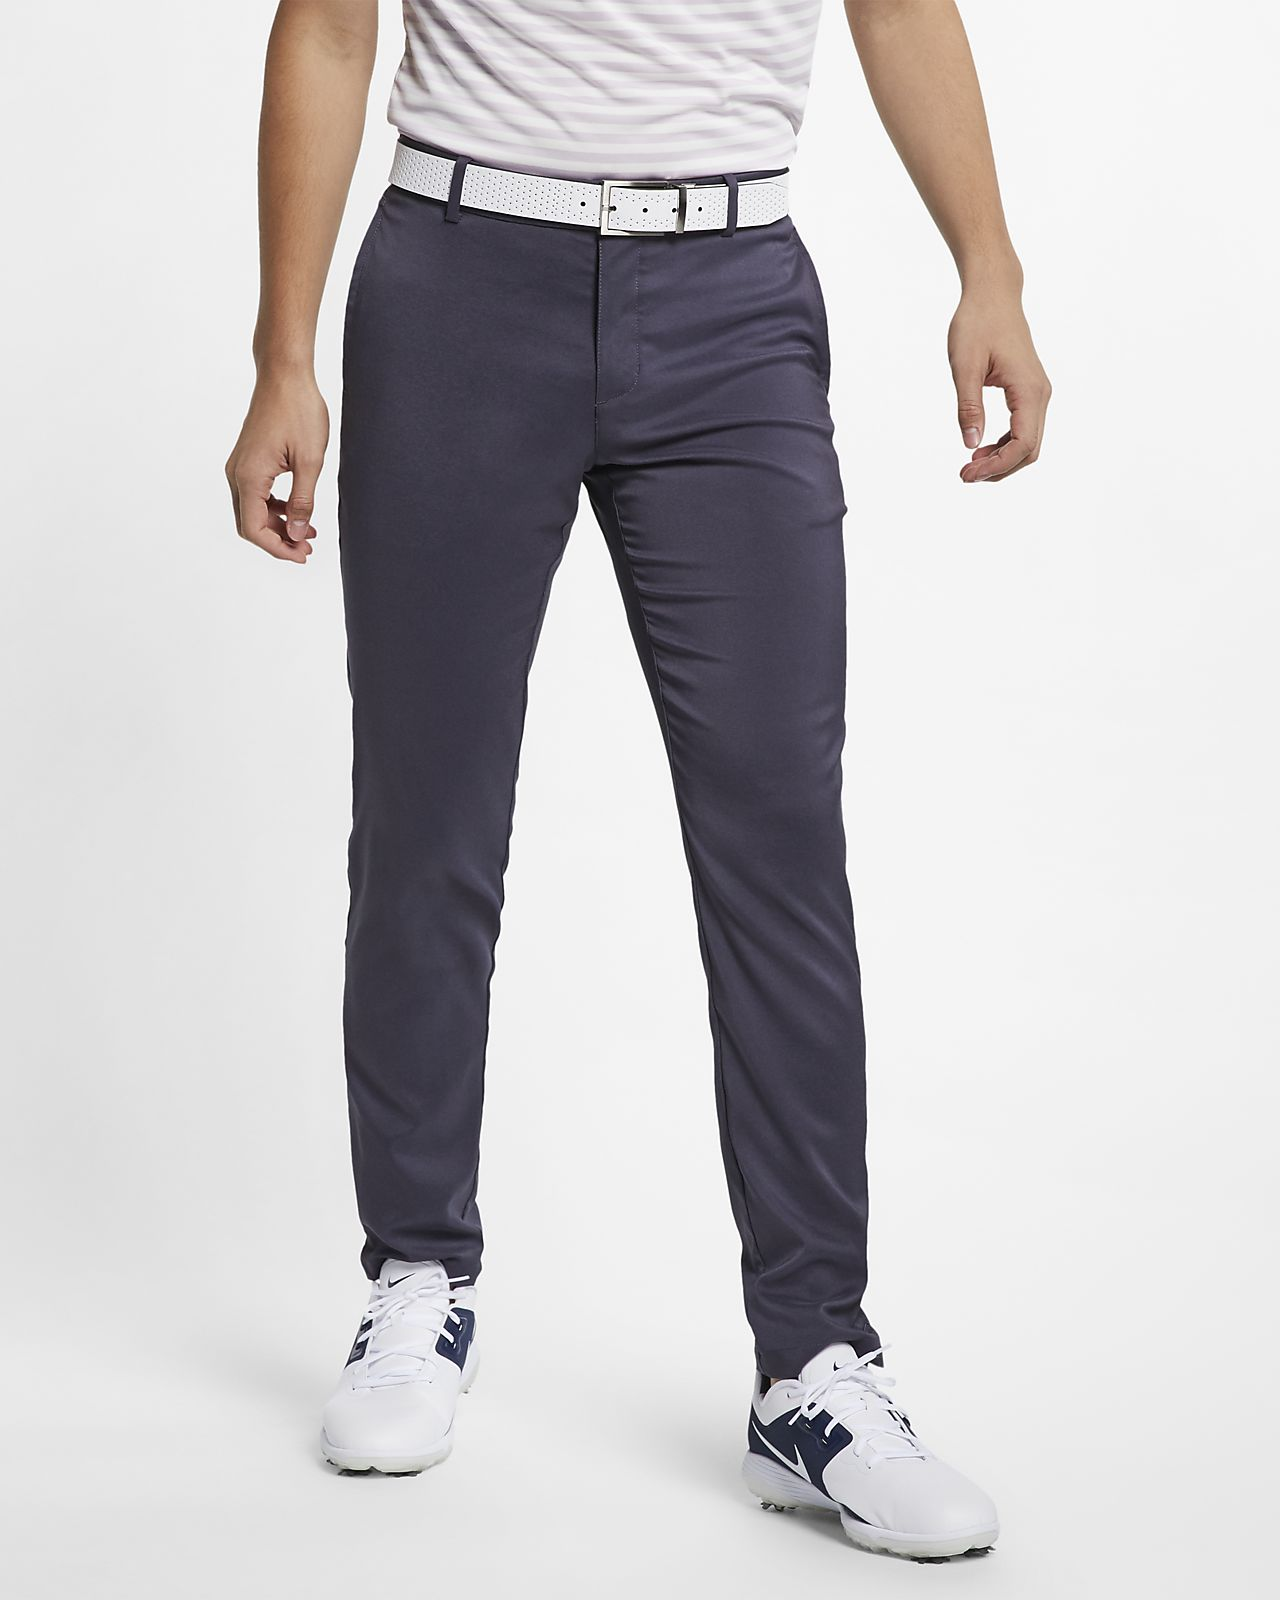 Calças de golfe de corte estreito Nike Flex para homem